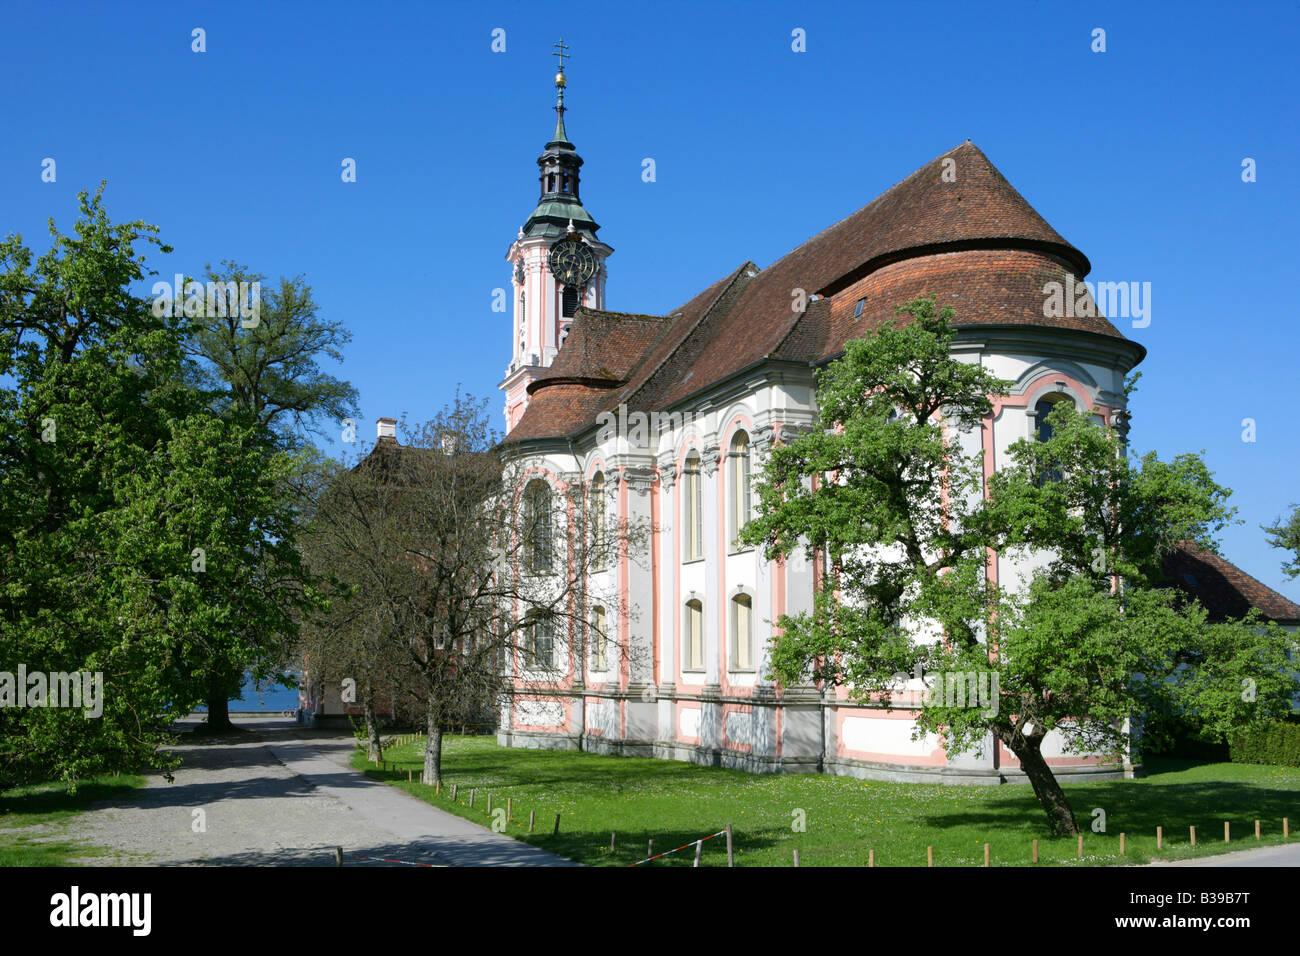 deutschland baden wuerttemberg wallfahrtskirche birnau am bodensee stock photo royalty free. Black Bedroom Furniture Sets. Home Design Ideas